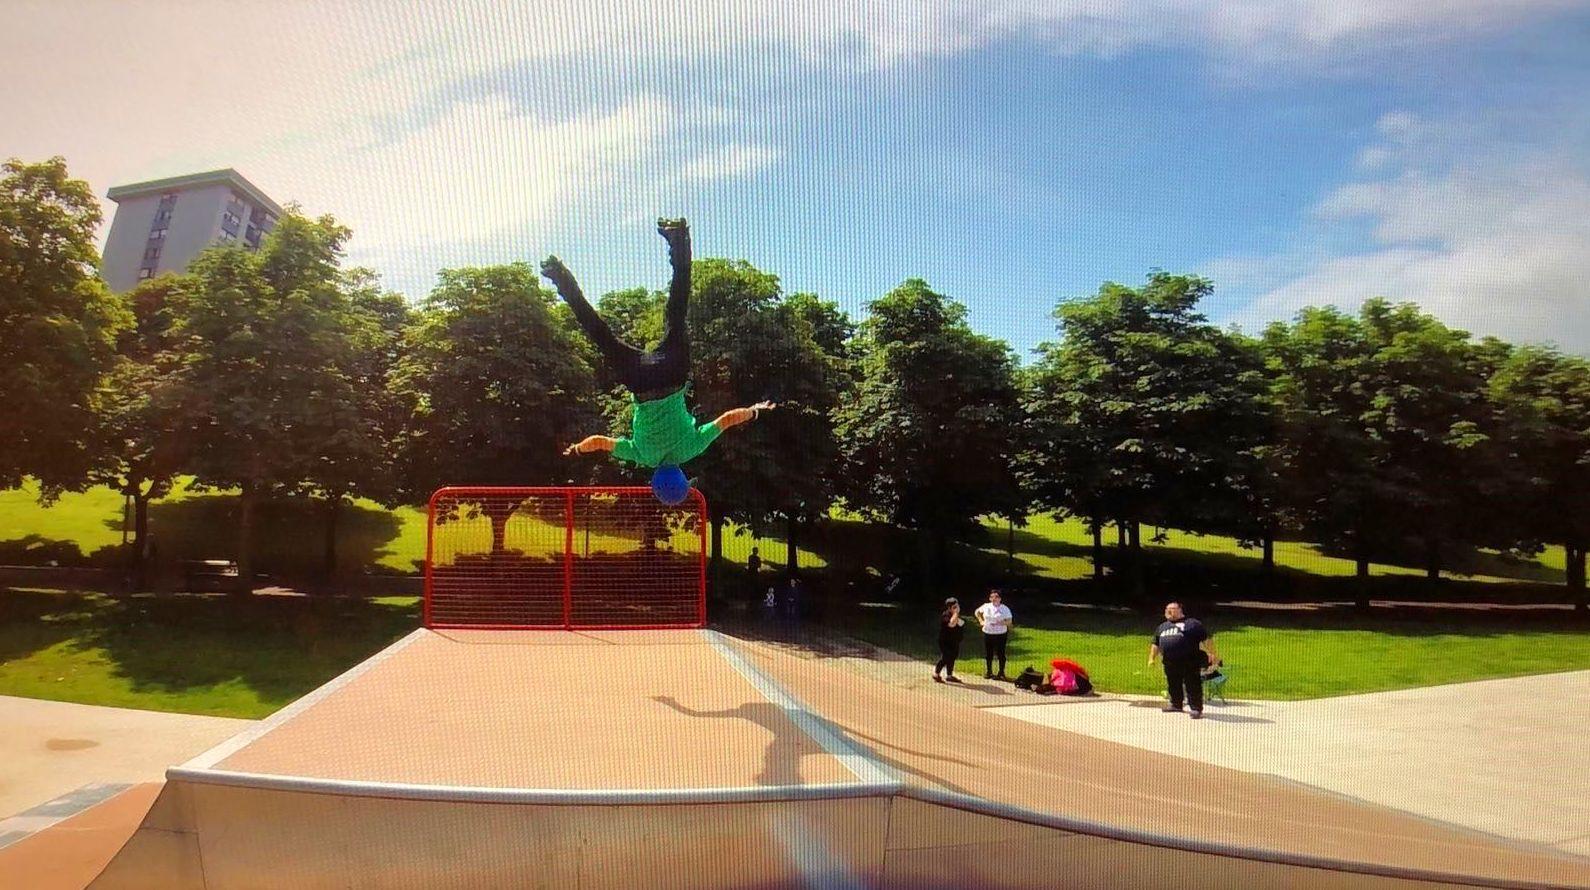 Foto 2 de Skate en Amorebieta | Osso Skateparks